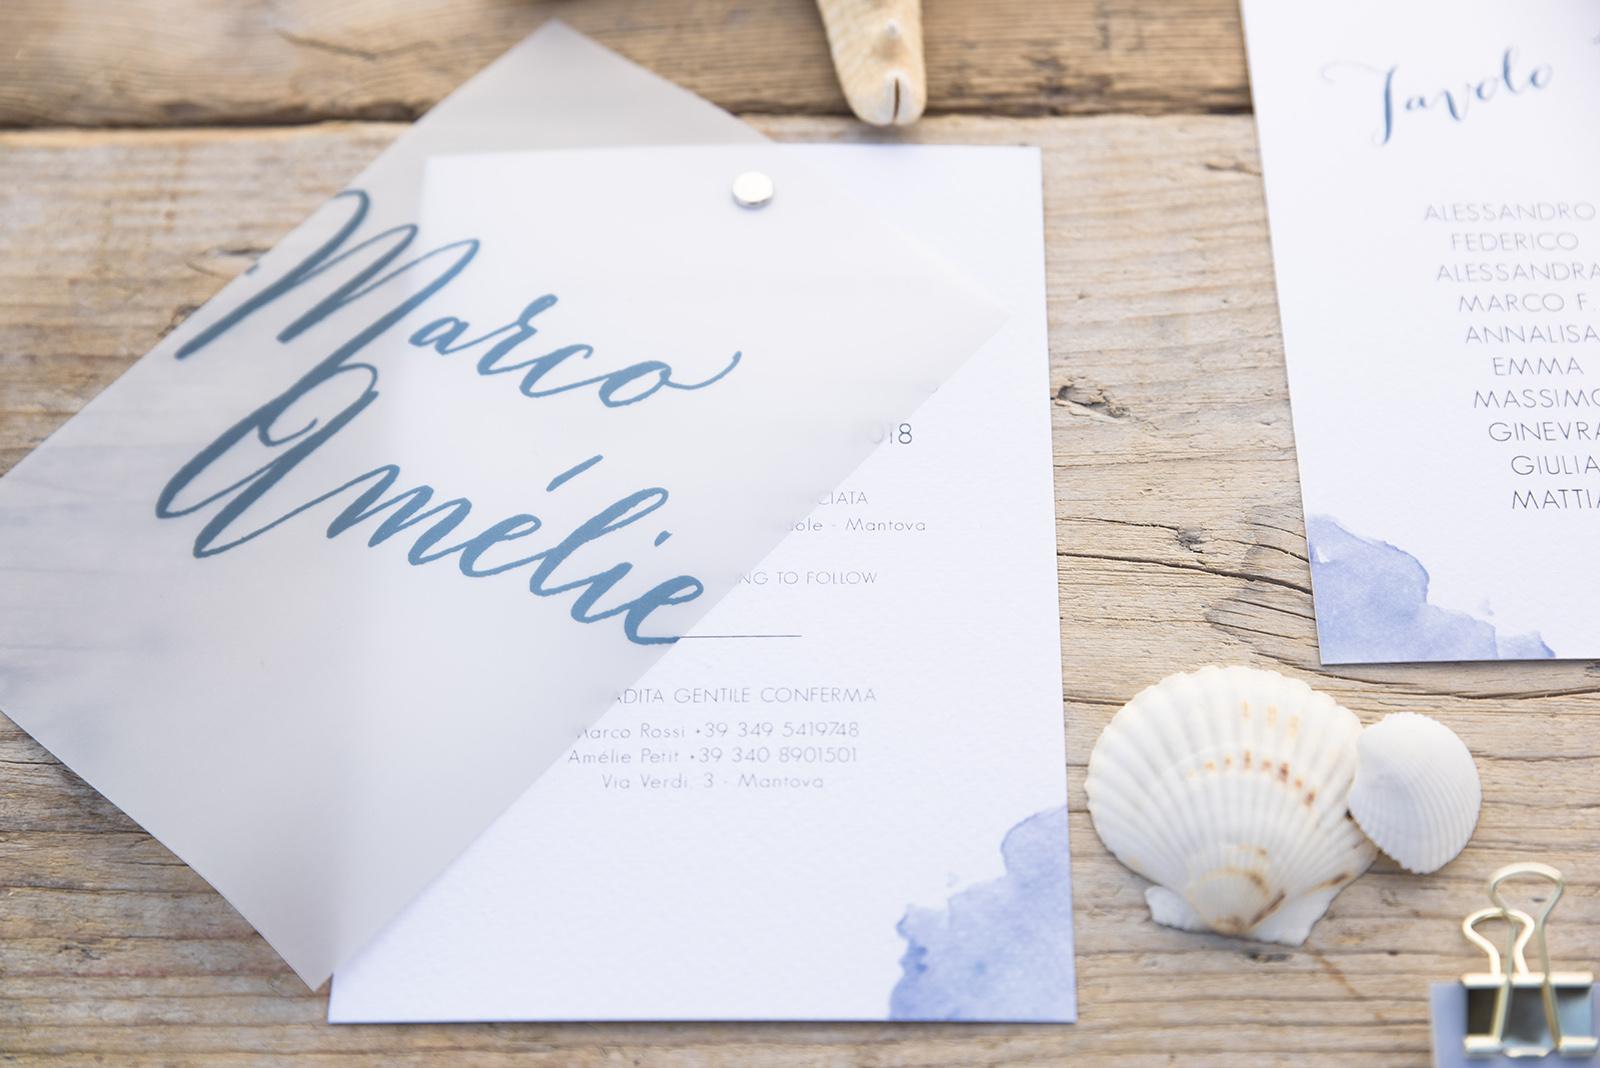 Mugga Design partecipazione Niagara blu mare conchiglie logo monogrammed nomi sposi in carta vegetale